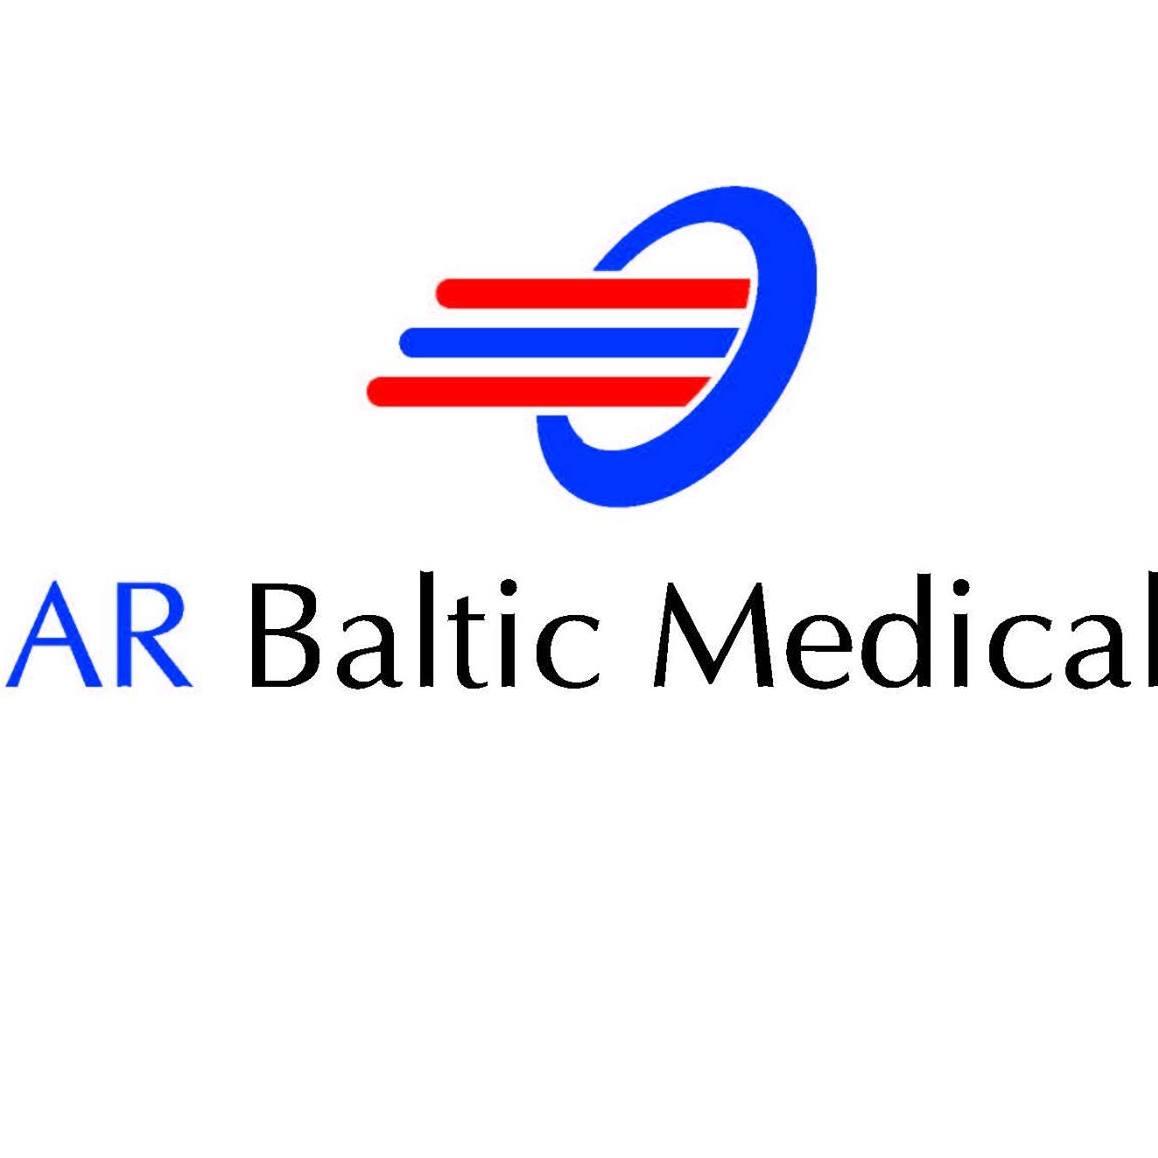 AR Baltic Medical